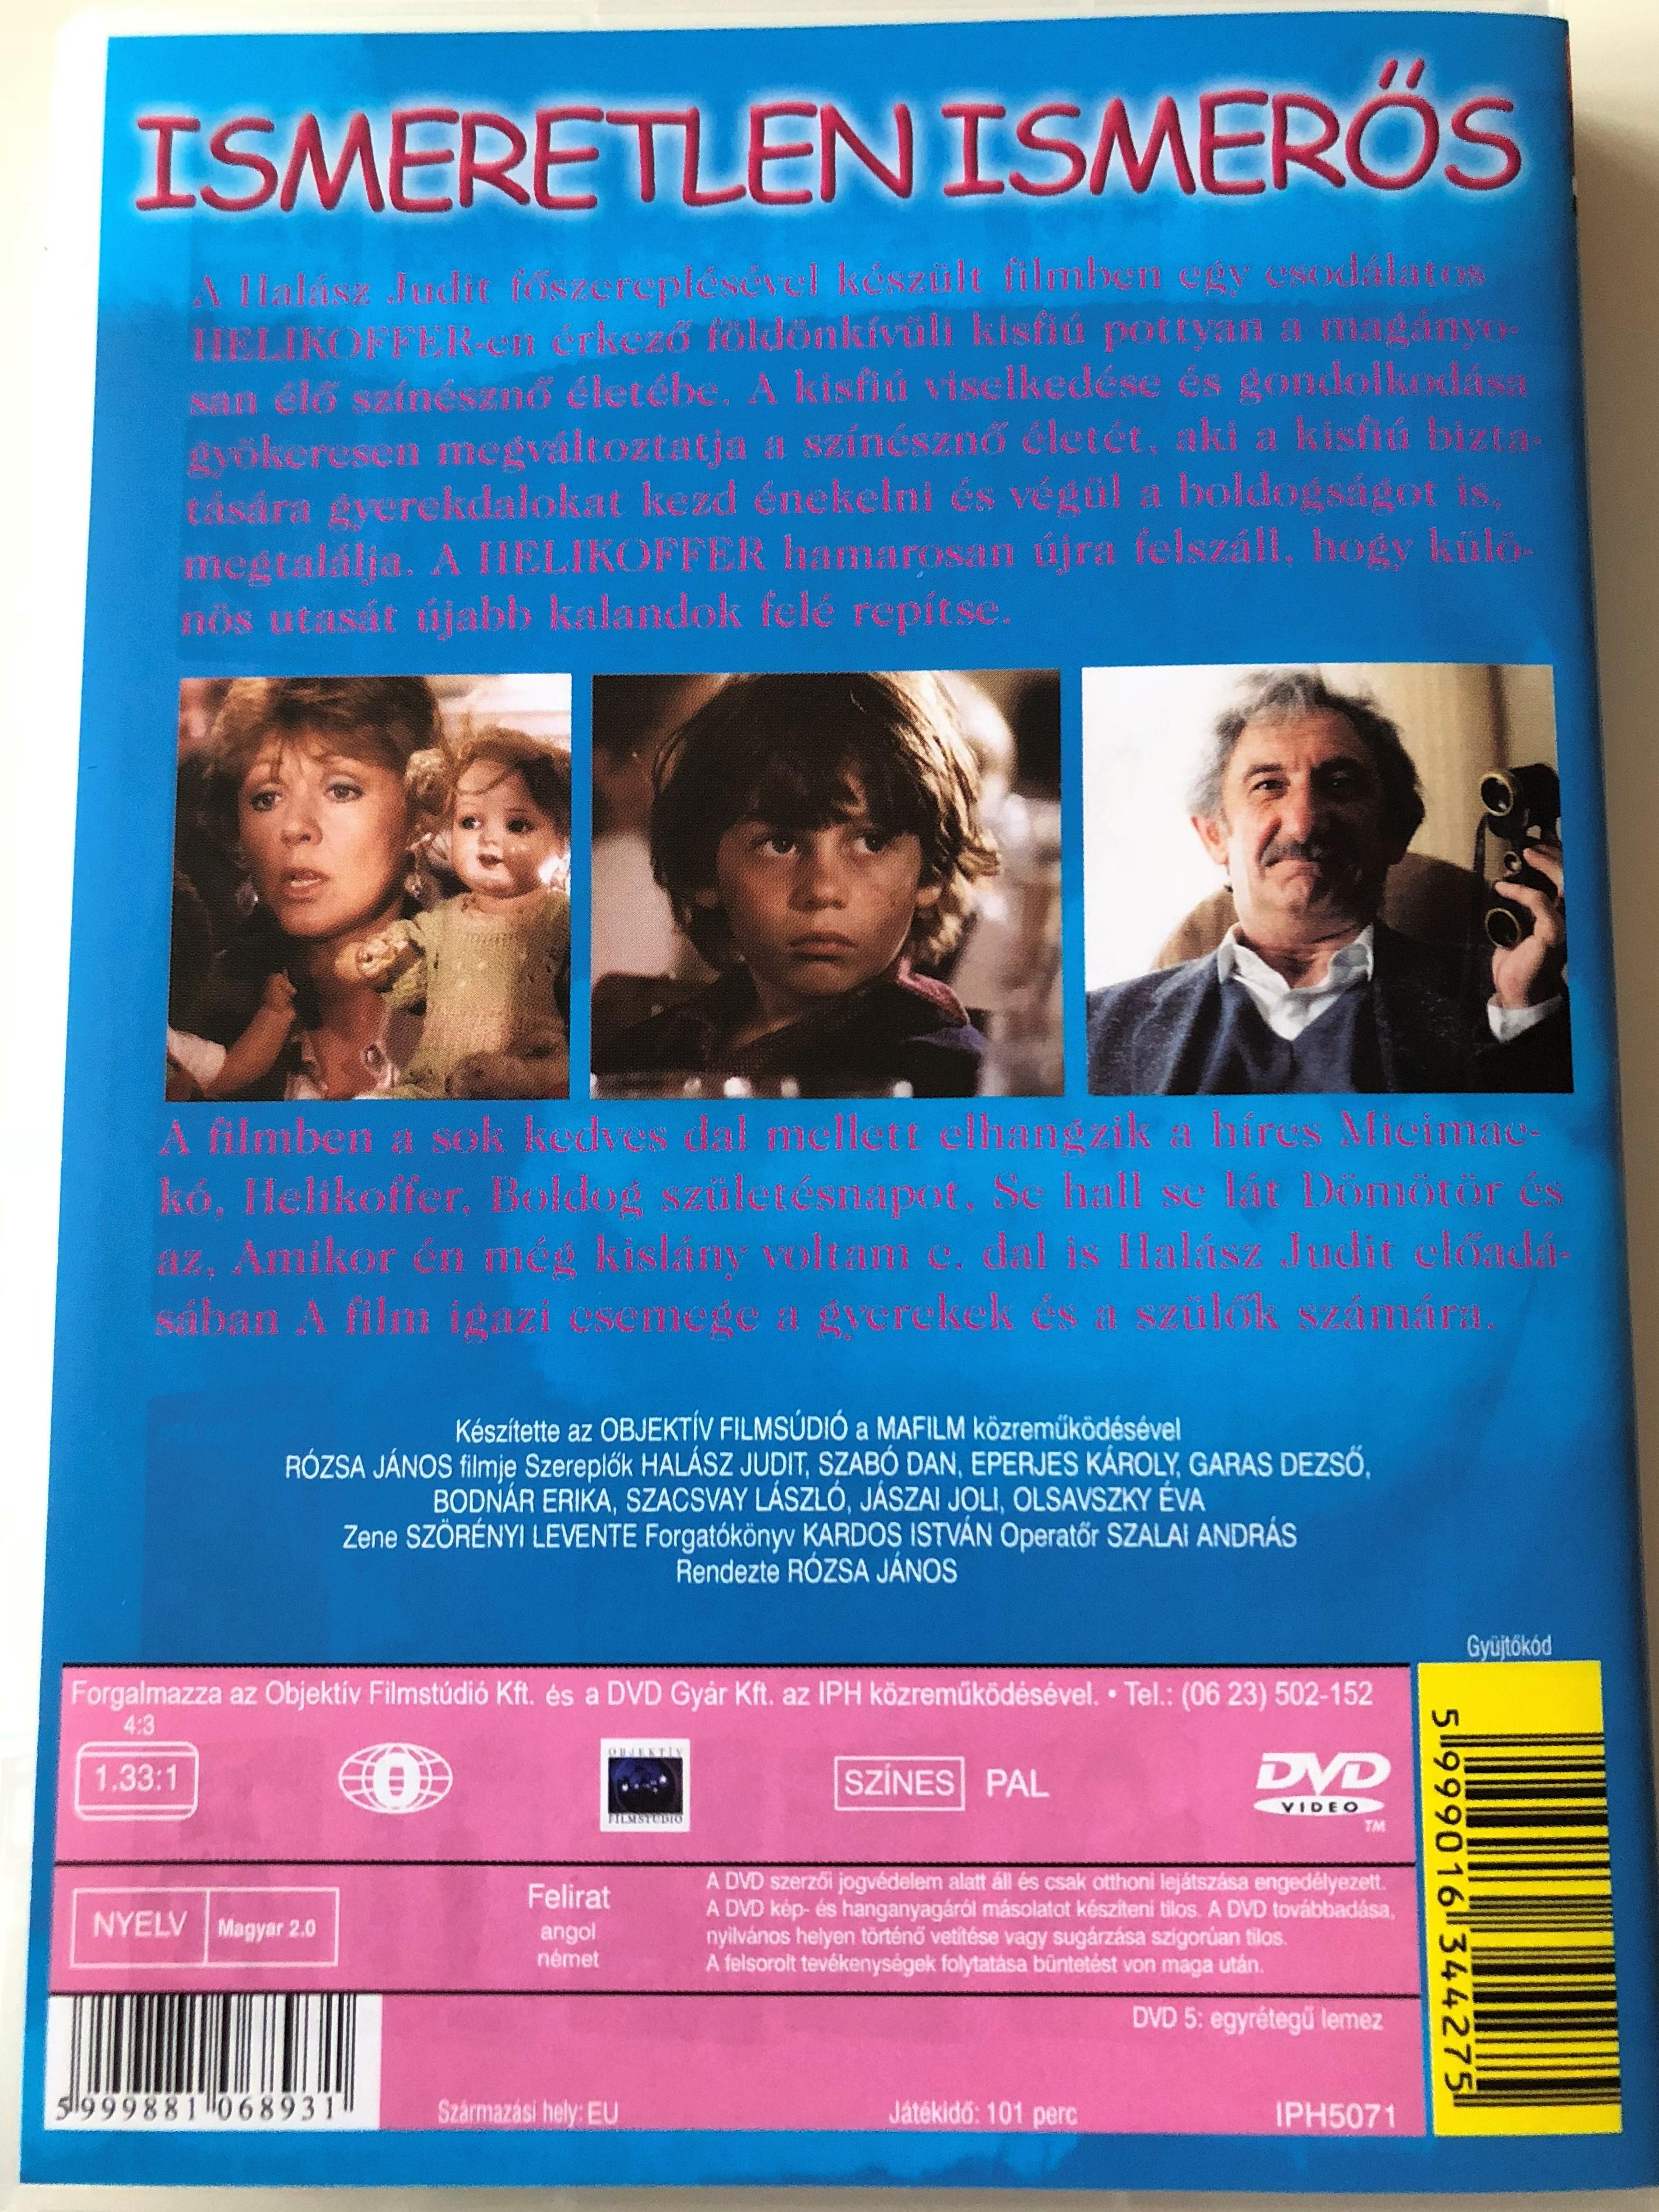 ismeretlen-ismer-s-dvd-1989-directed-by-r-zsa-j-nos-starring-hal-sz-judit-eperjes-k-roly-garas-dezs-szab-dani-hungarian-musical-for-children-2-.jpg